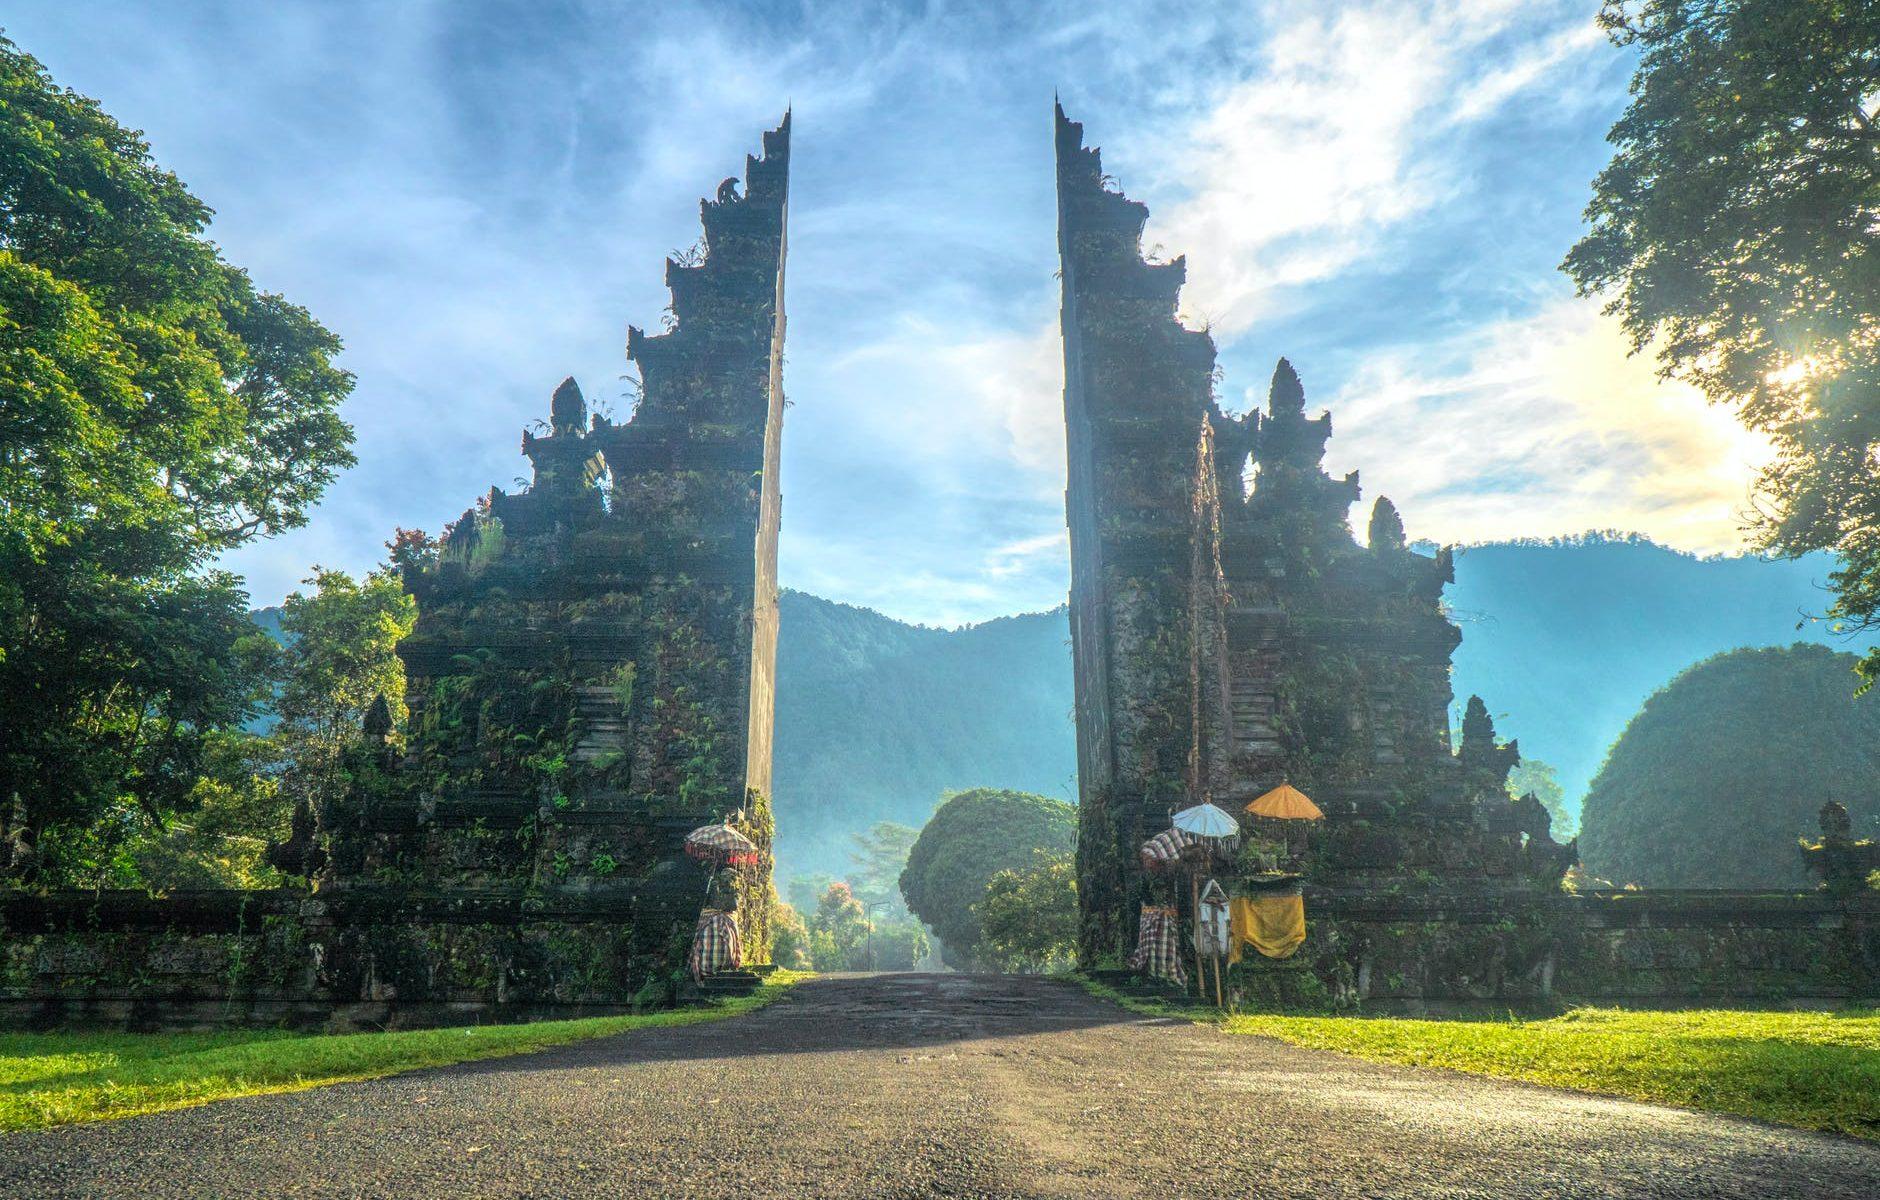 Ásia: Países e principais curiosidades © Pexels